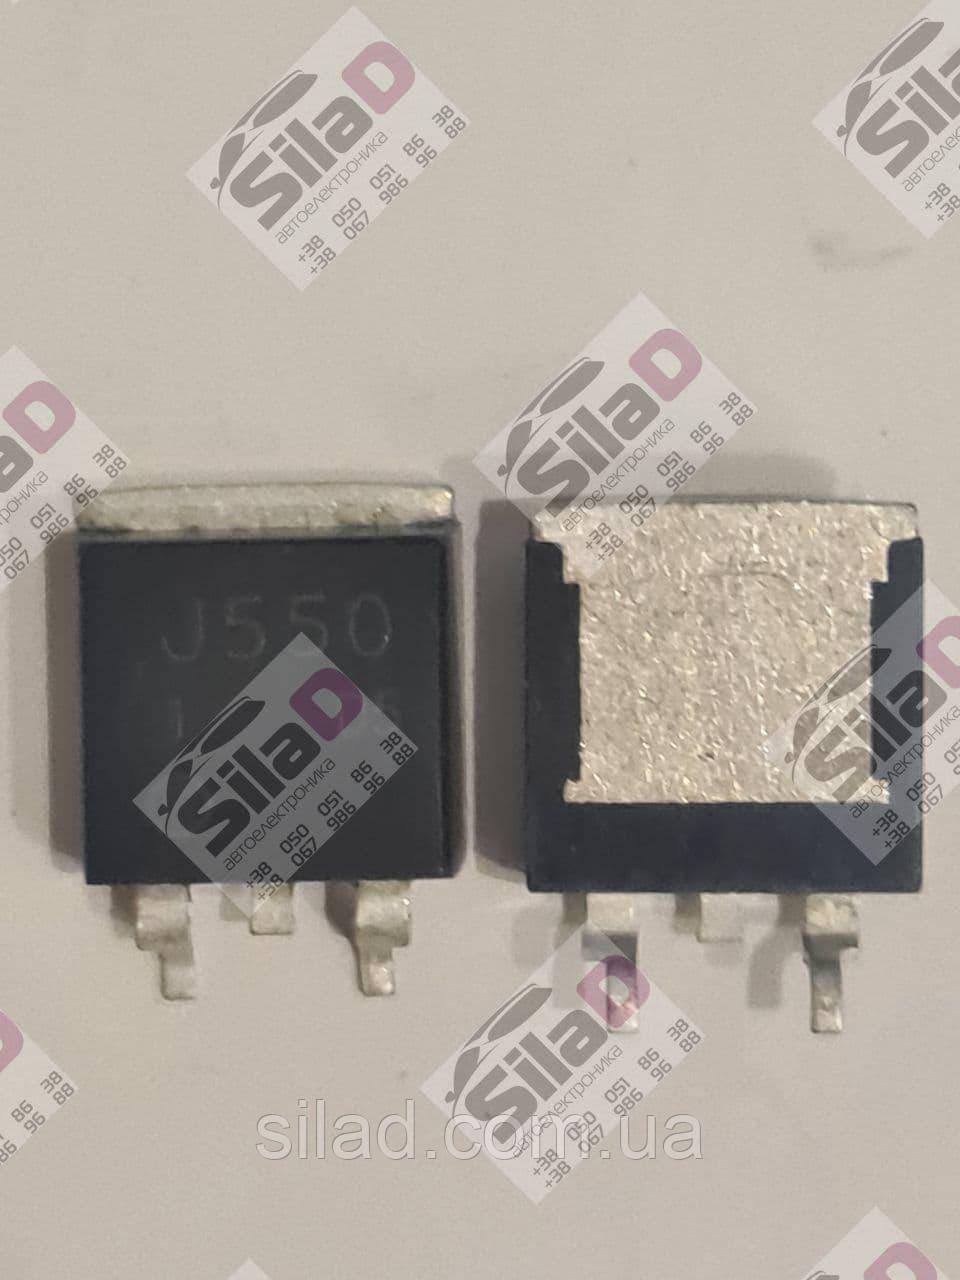 Транзистор 2SJ550 J550 Hitachi корпус TO-263